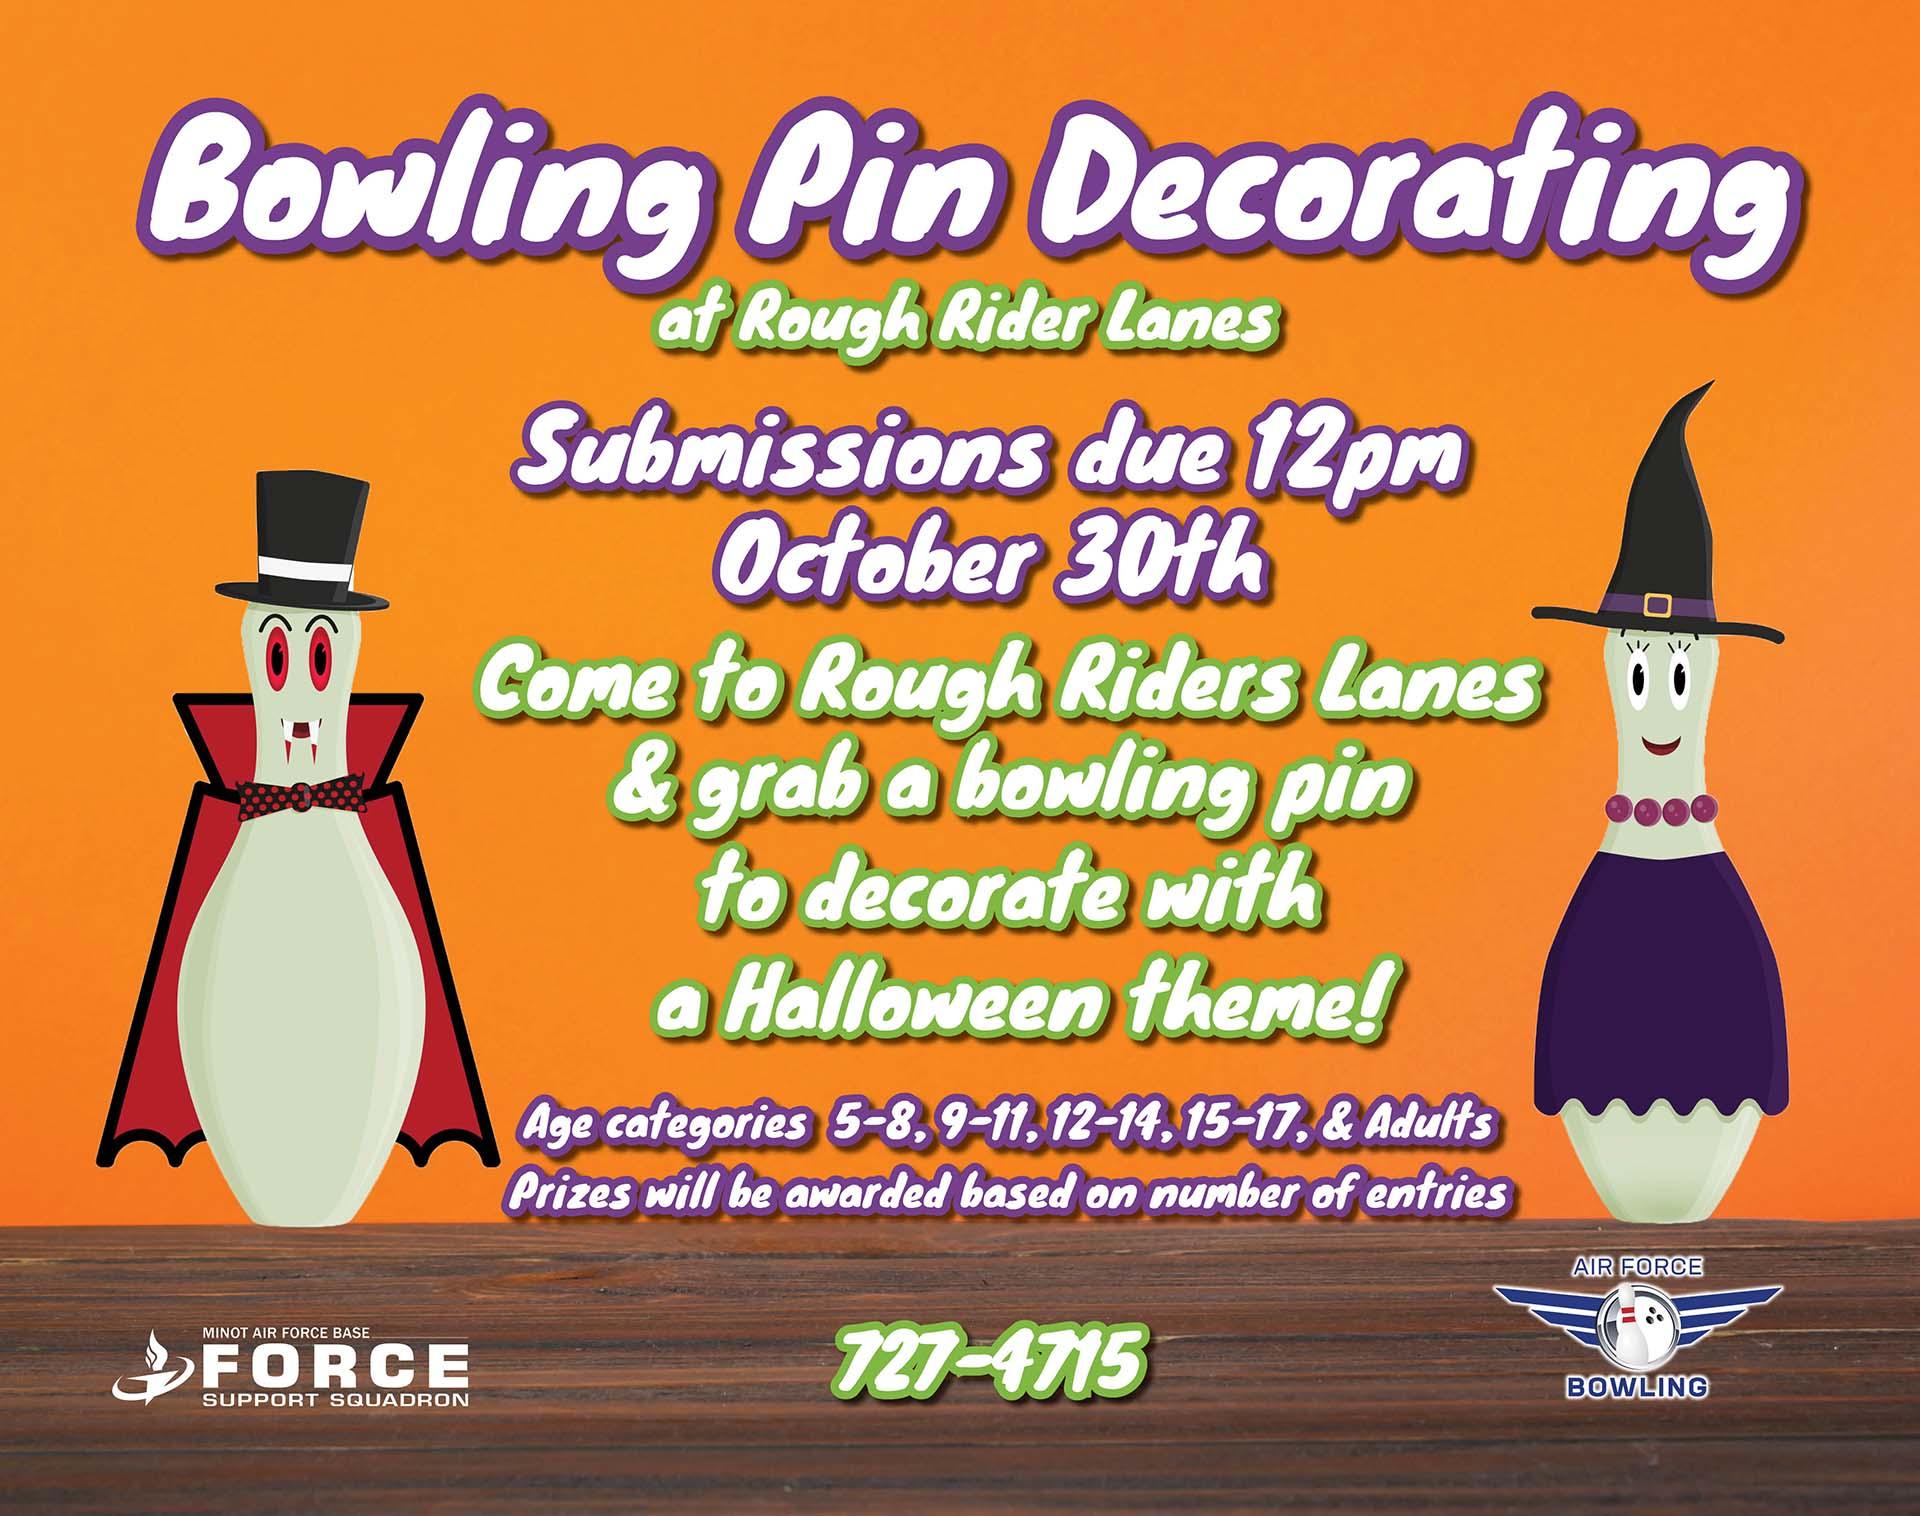 10.30 Bowling Pin Decorating